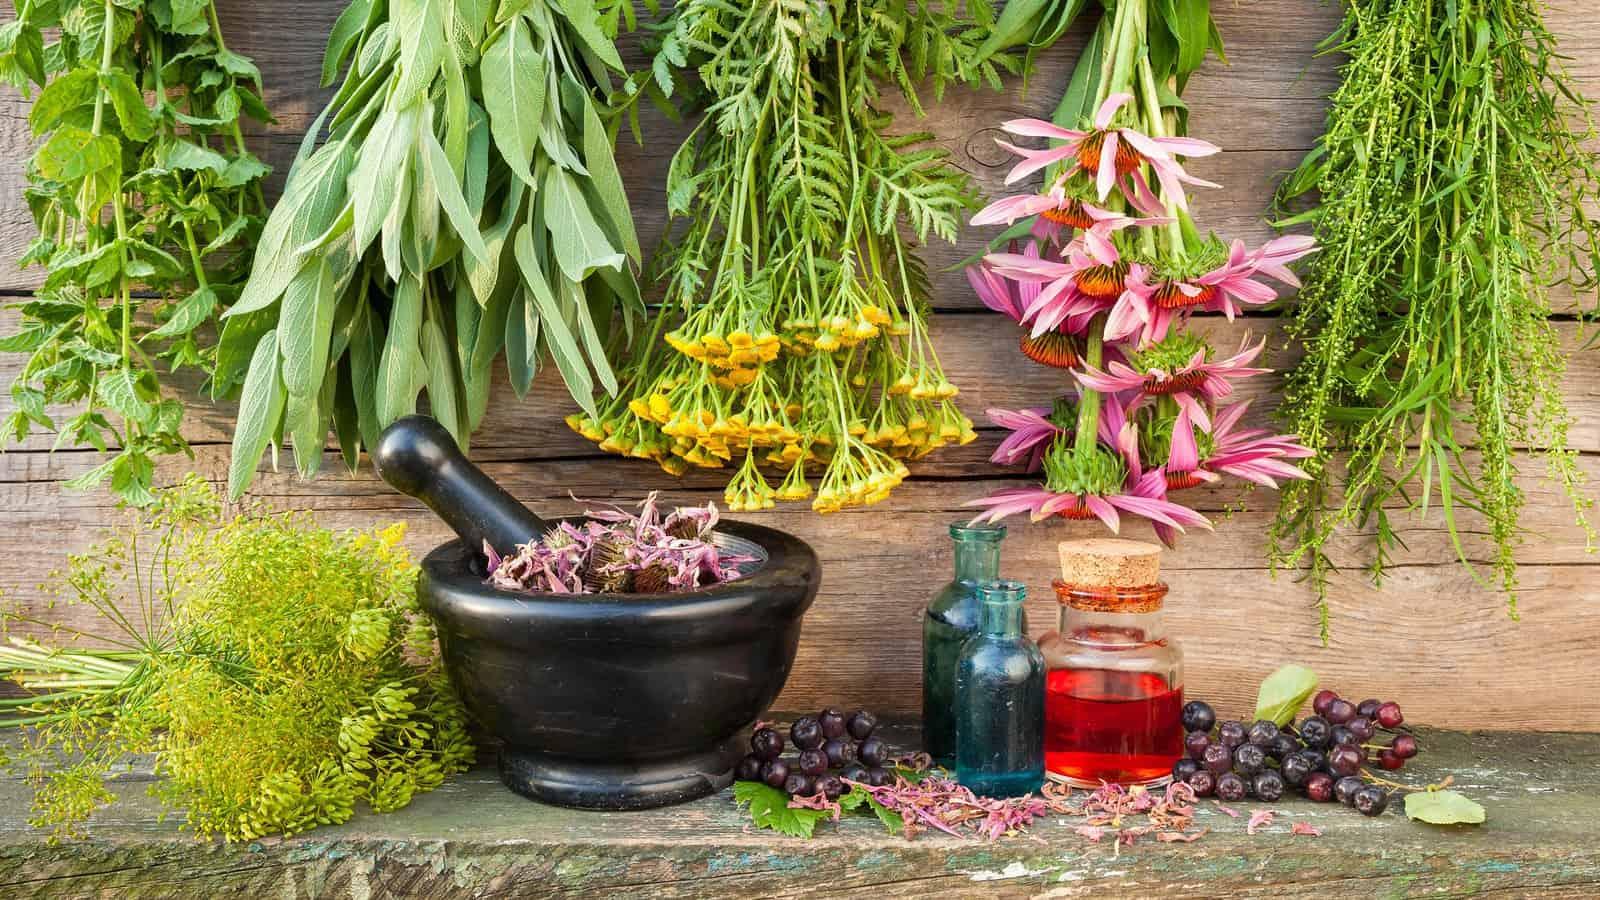 العلاج بالأعشاب الطبيعية